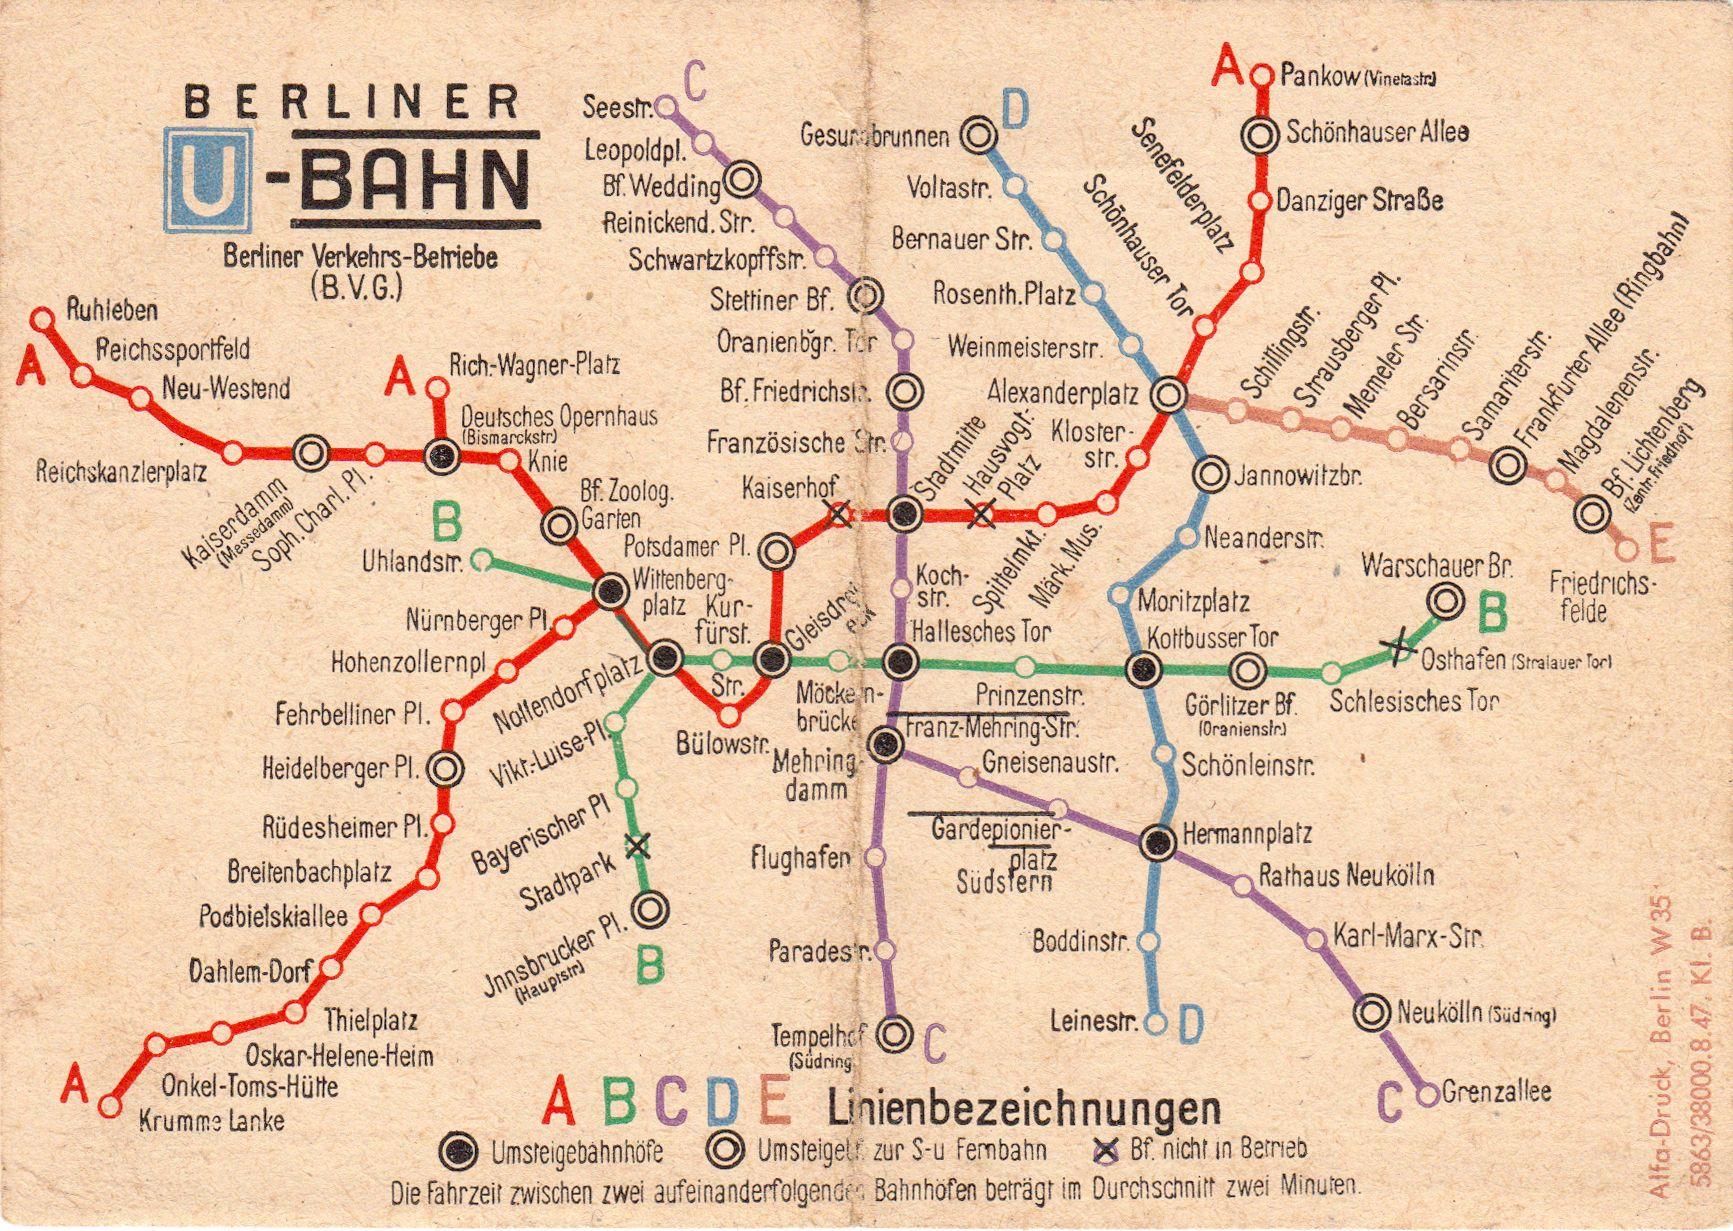 Streckennetz Der Berliner UBahn Old Berlin Pinterest - Germany underground map